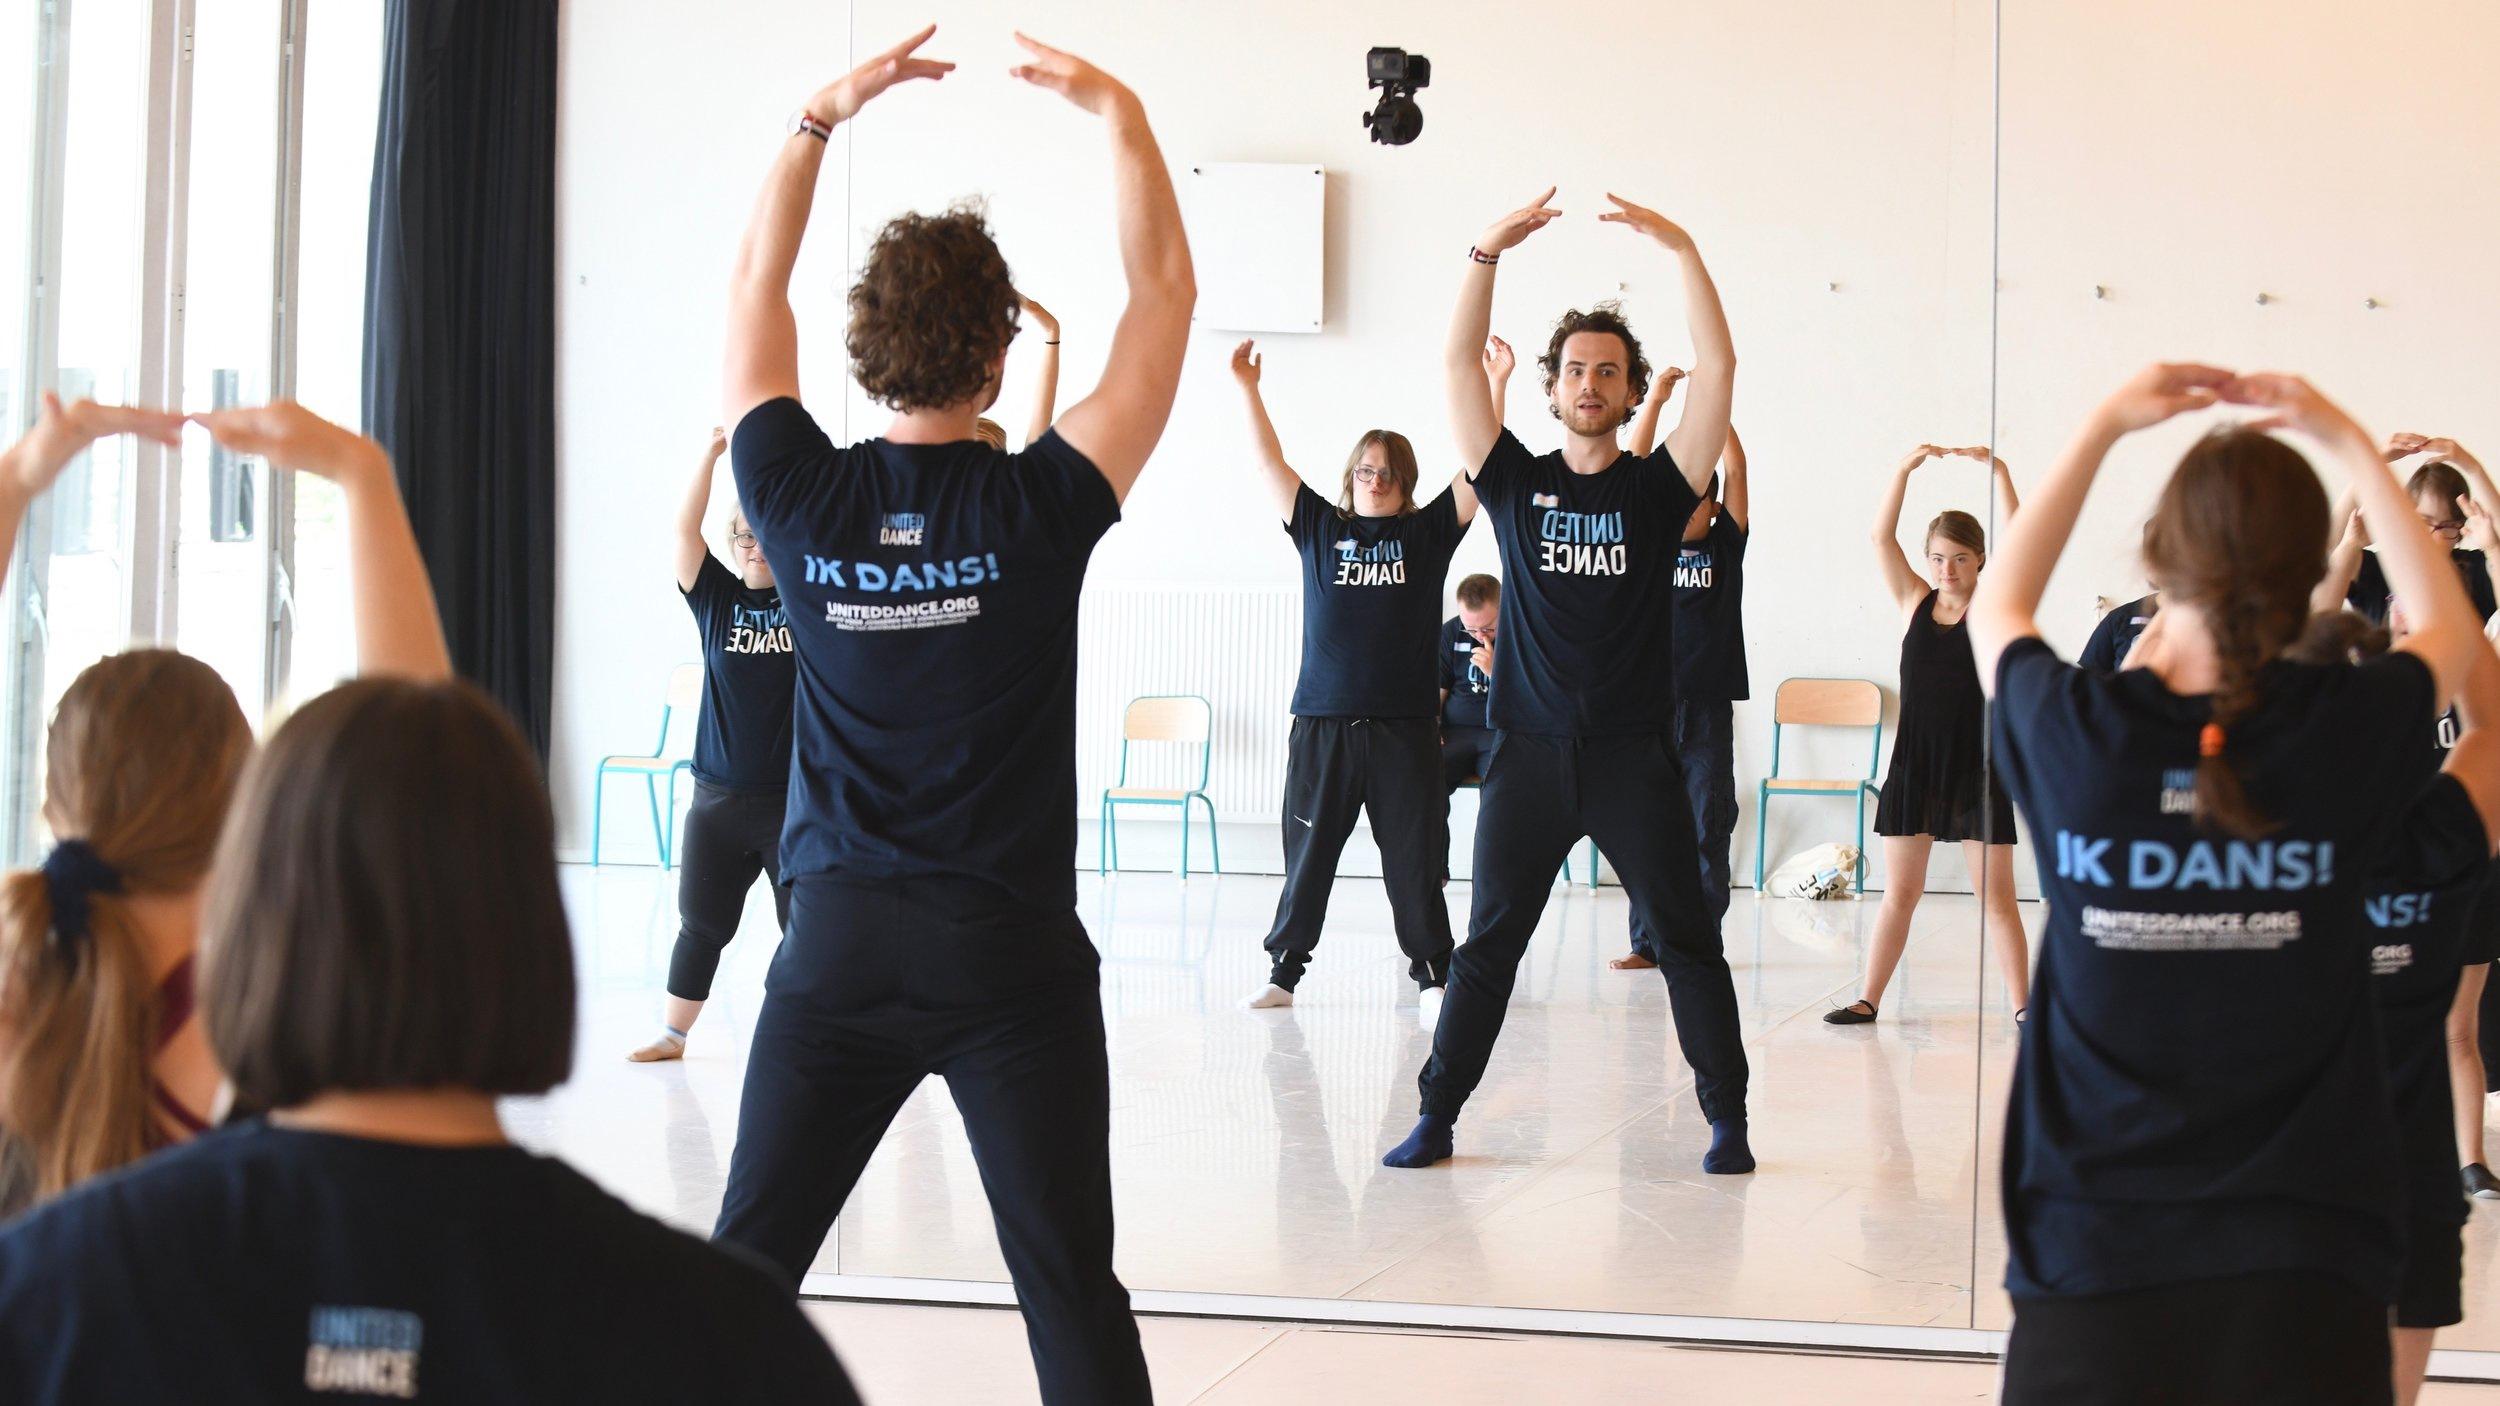 Paris, France - Ecole de Danse de l'Opera national de Paris, 26 - 31 août 2019Information - Inscription